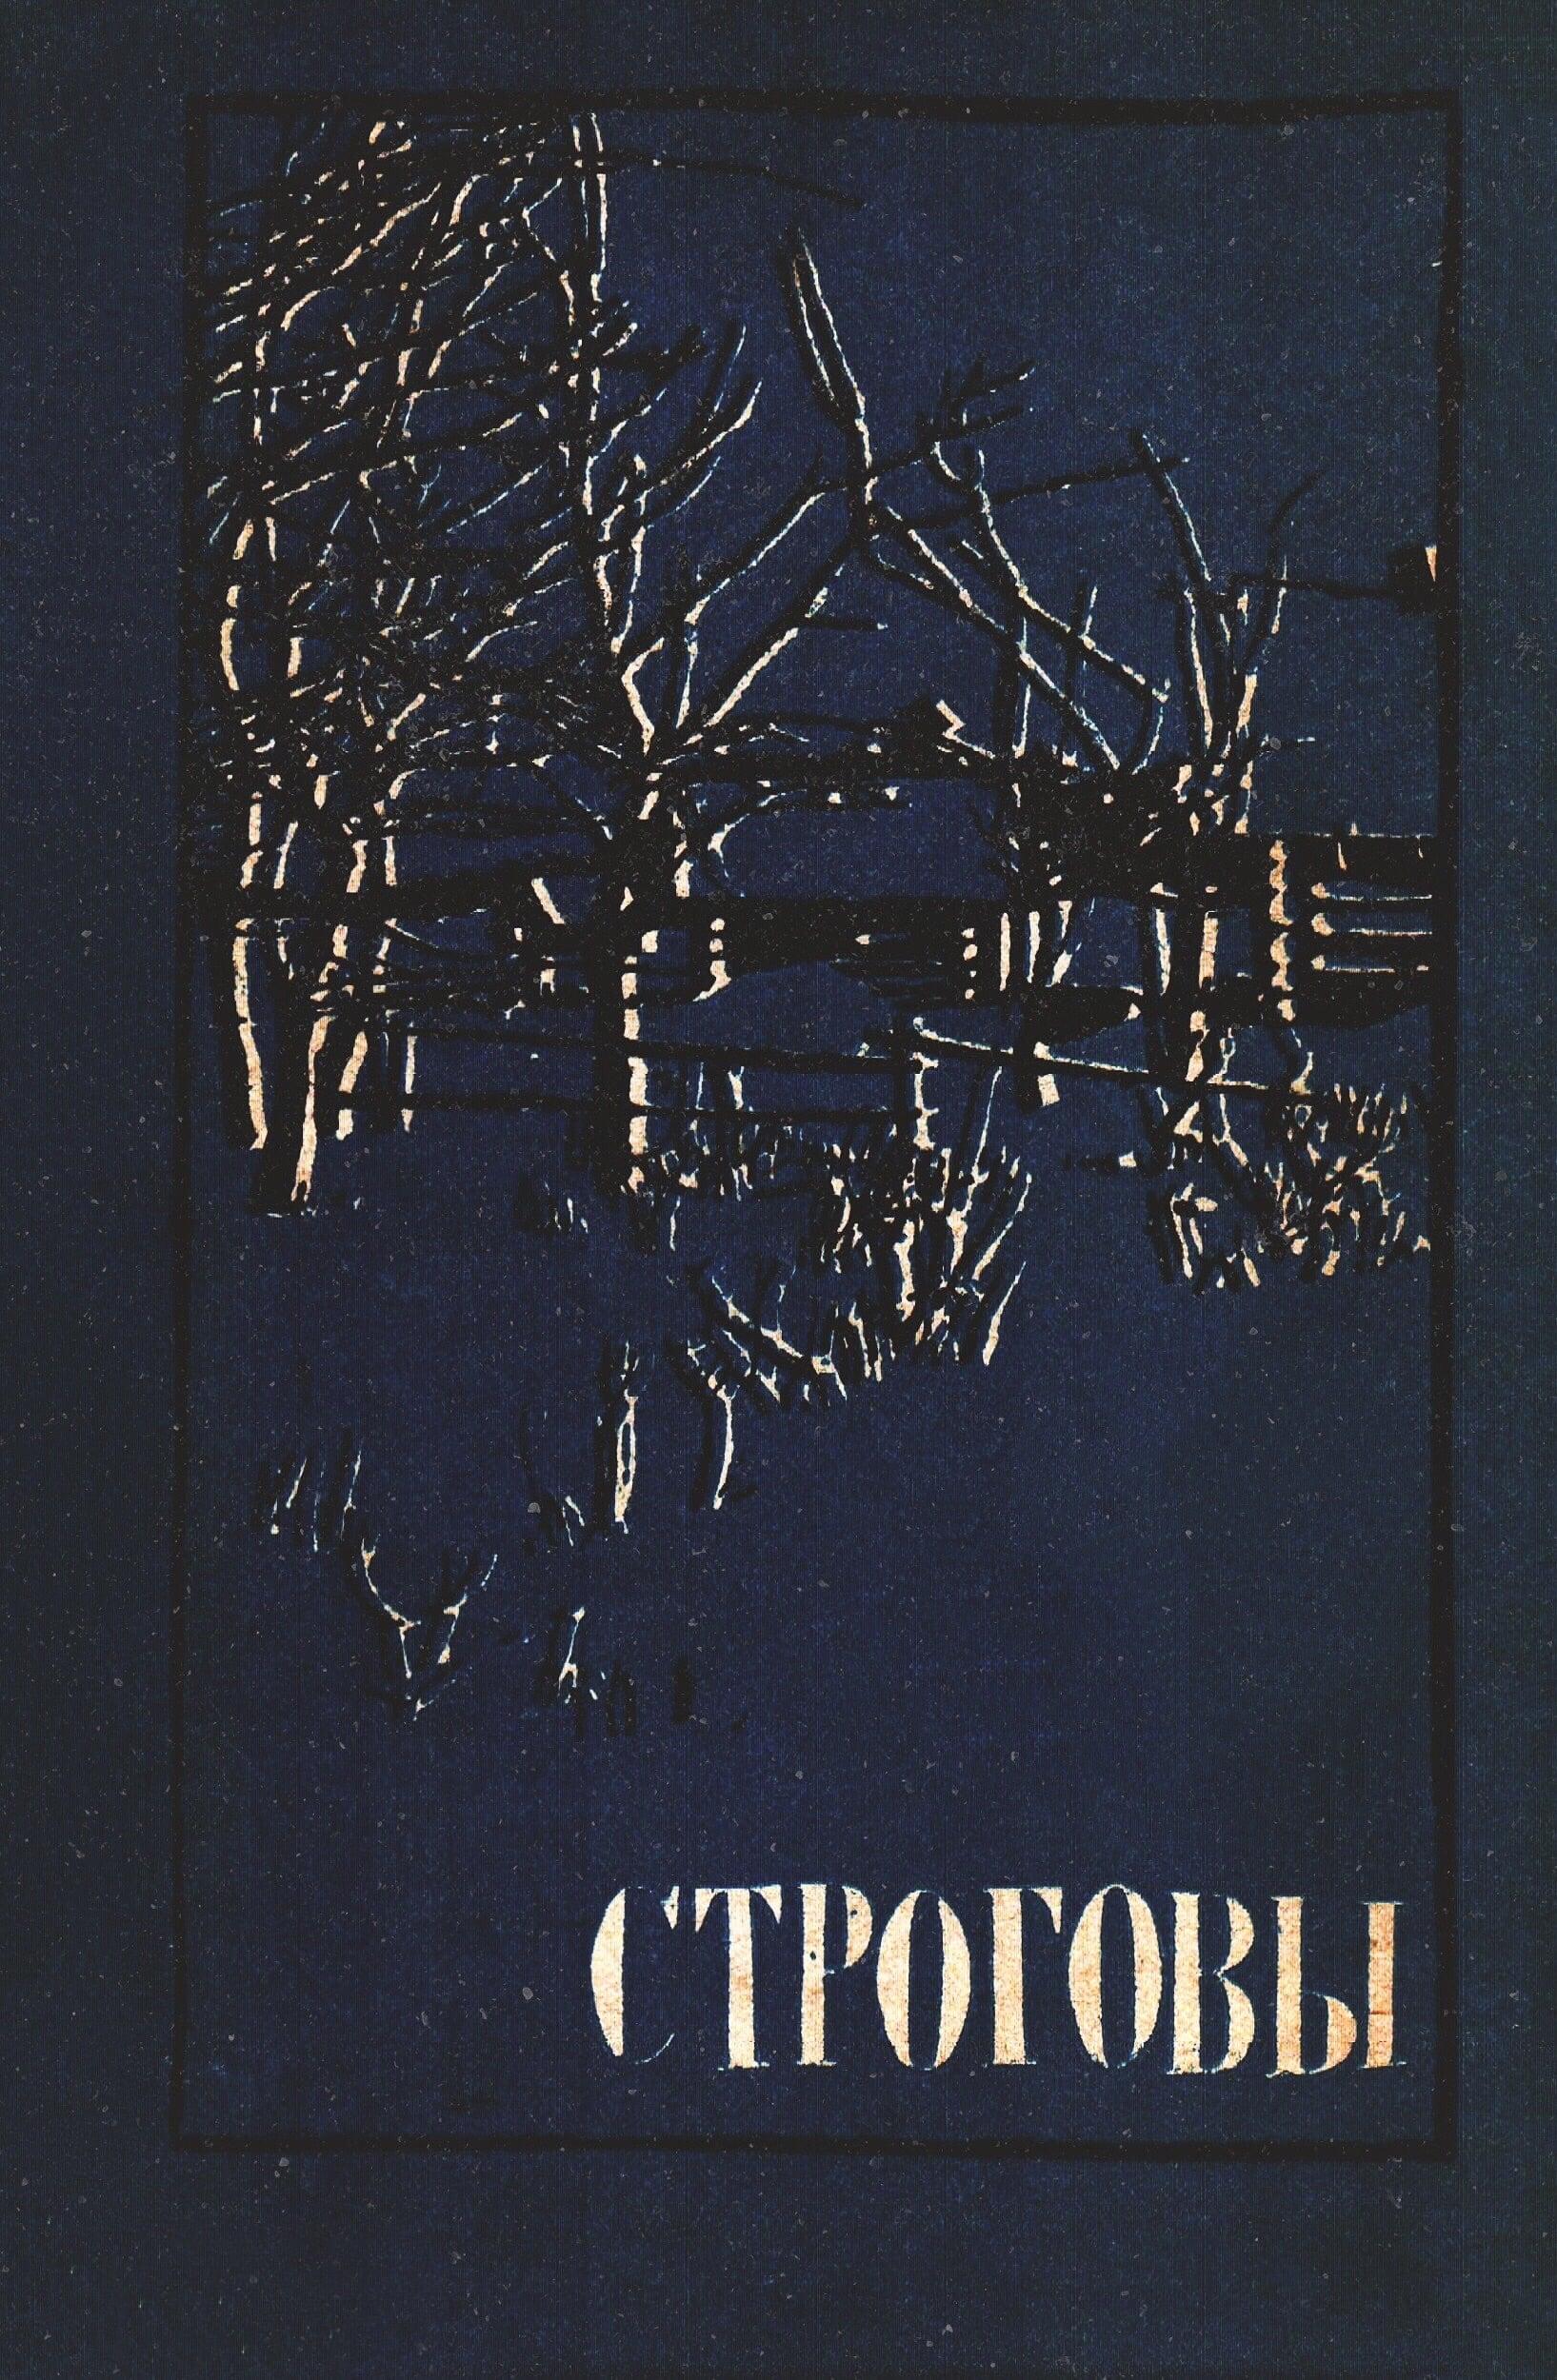 The Strogovs